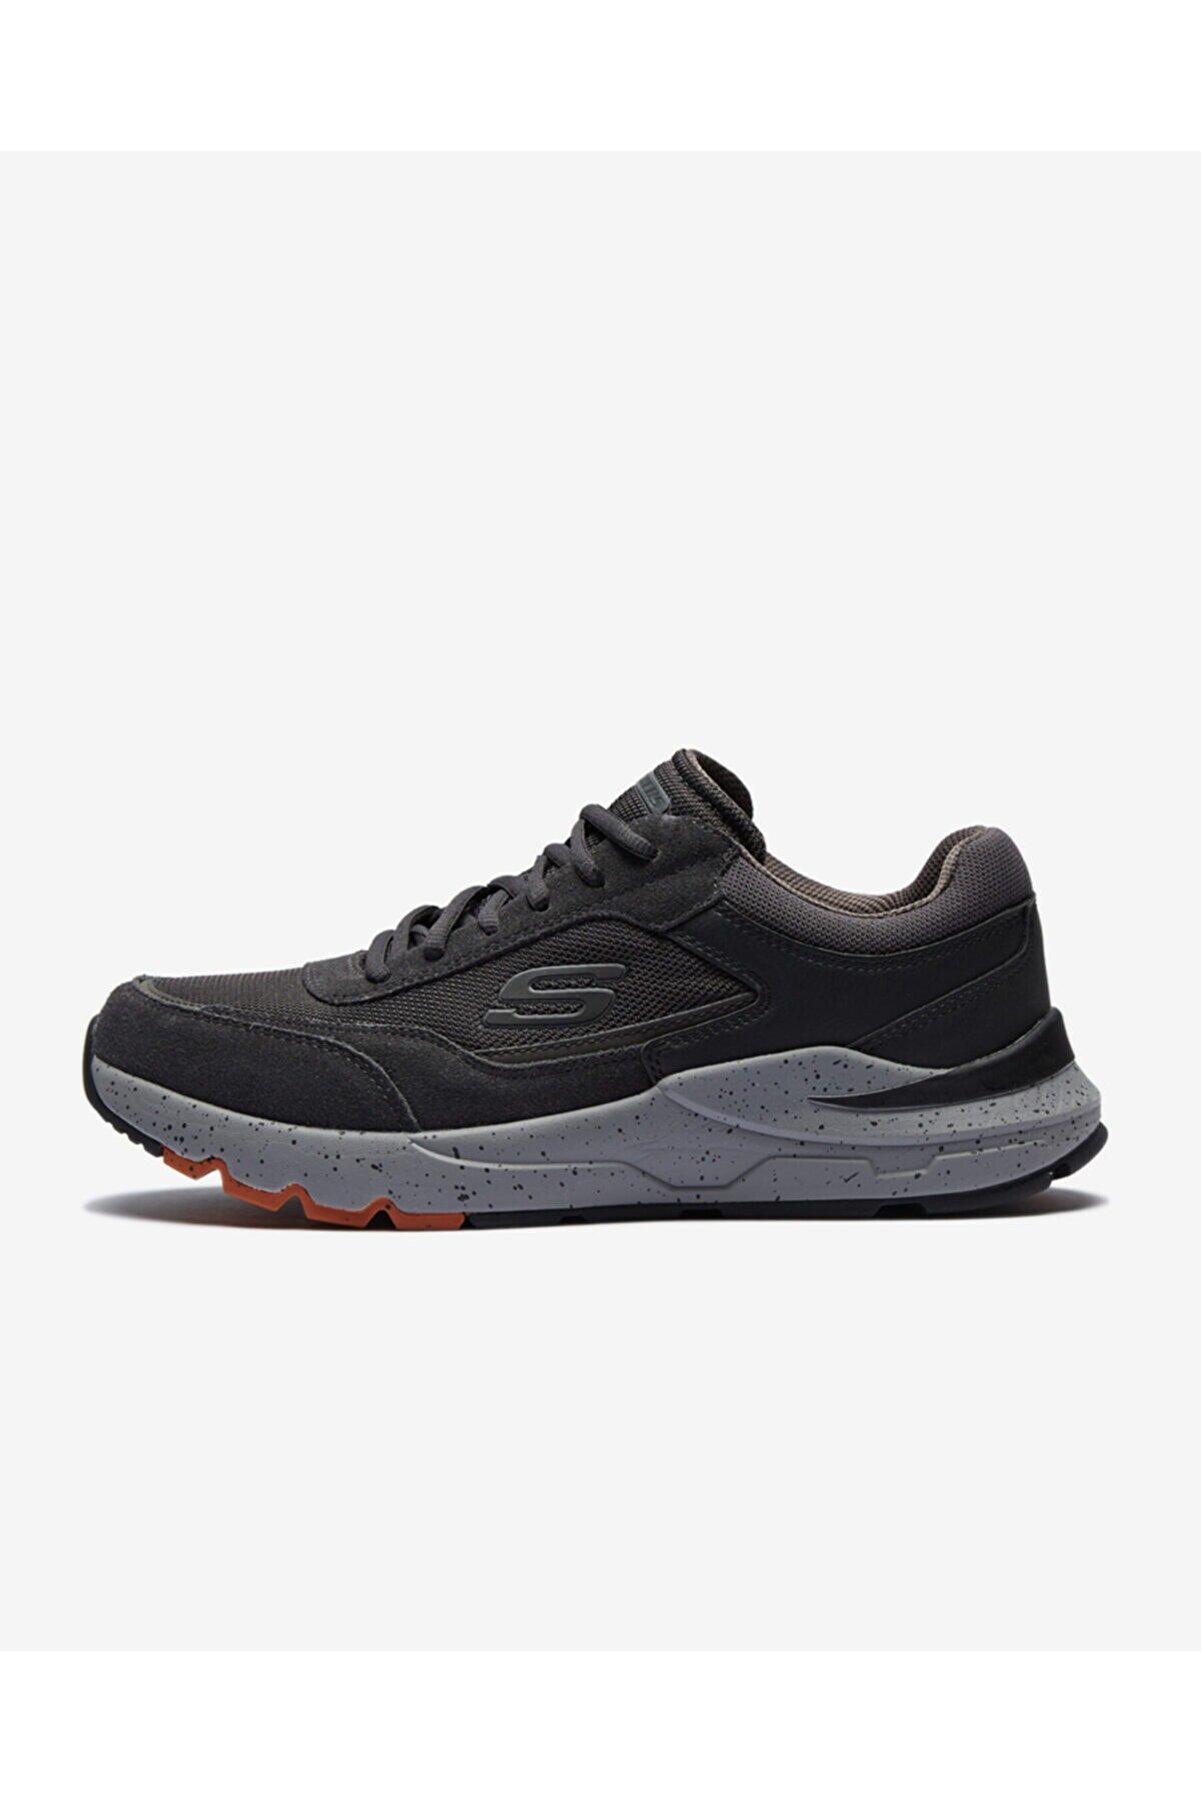 Skechers GALER Erkek Siyah Günlük Ayakkabı